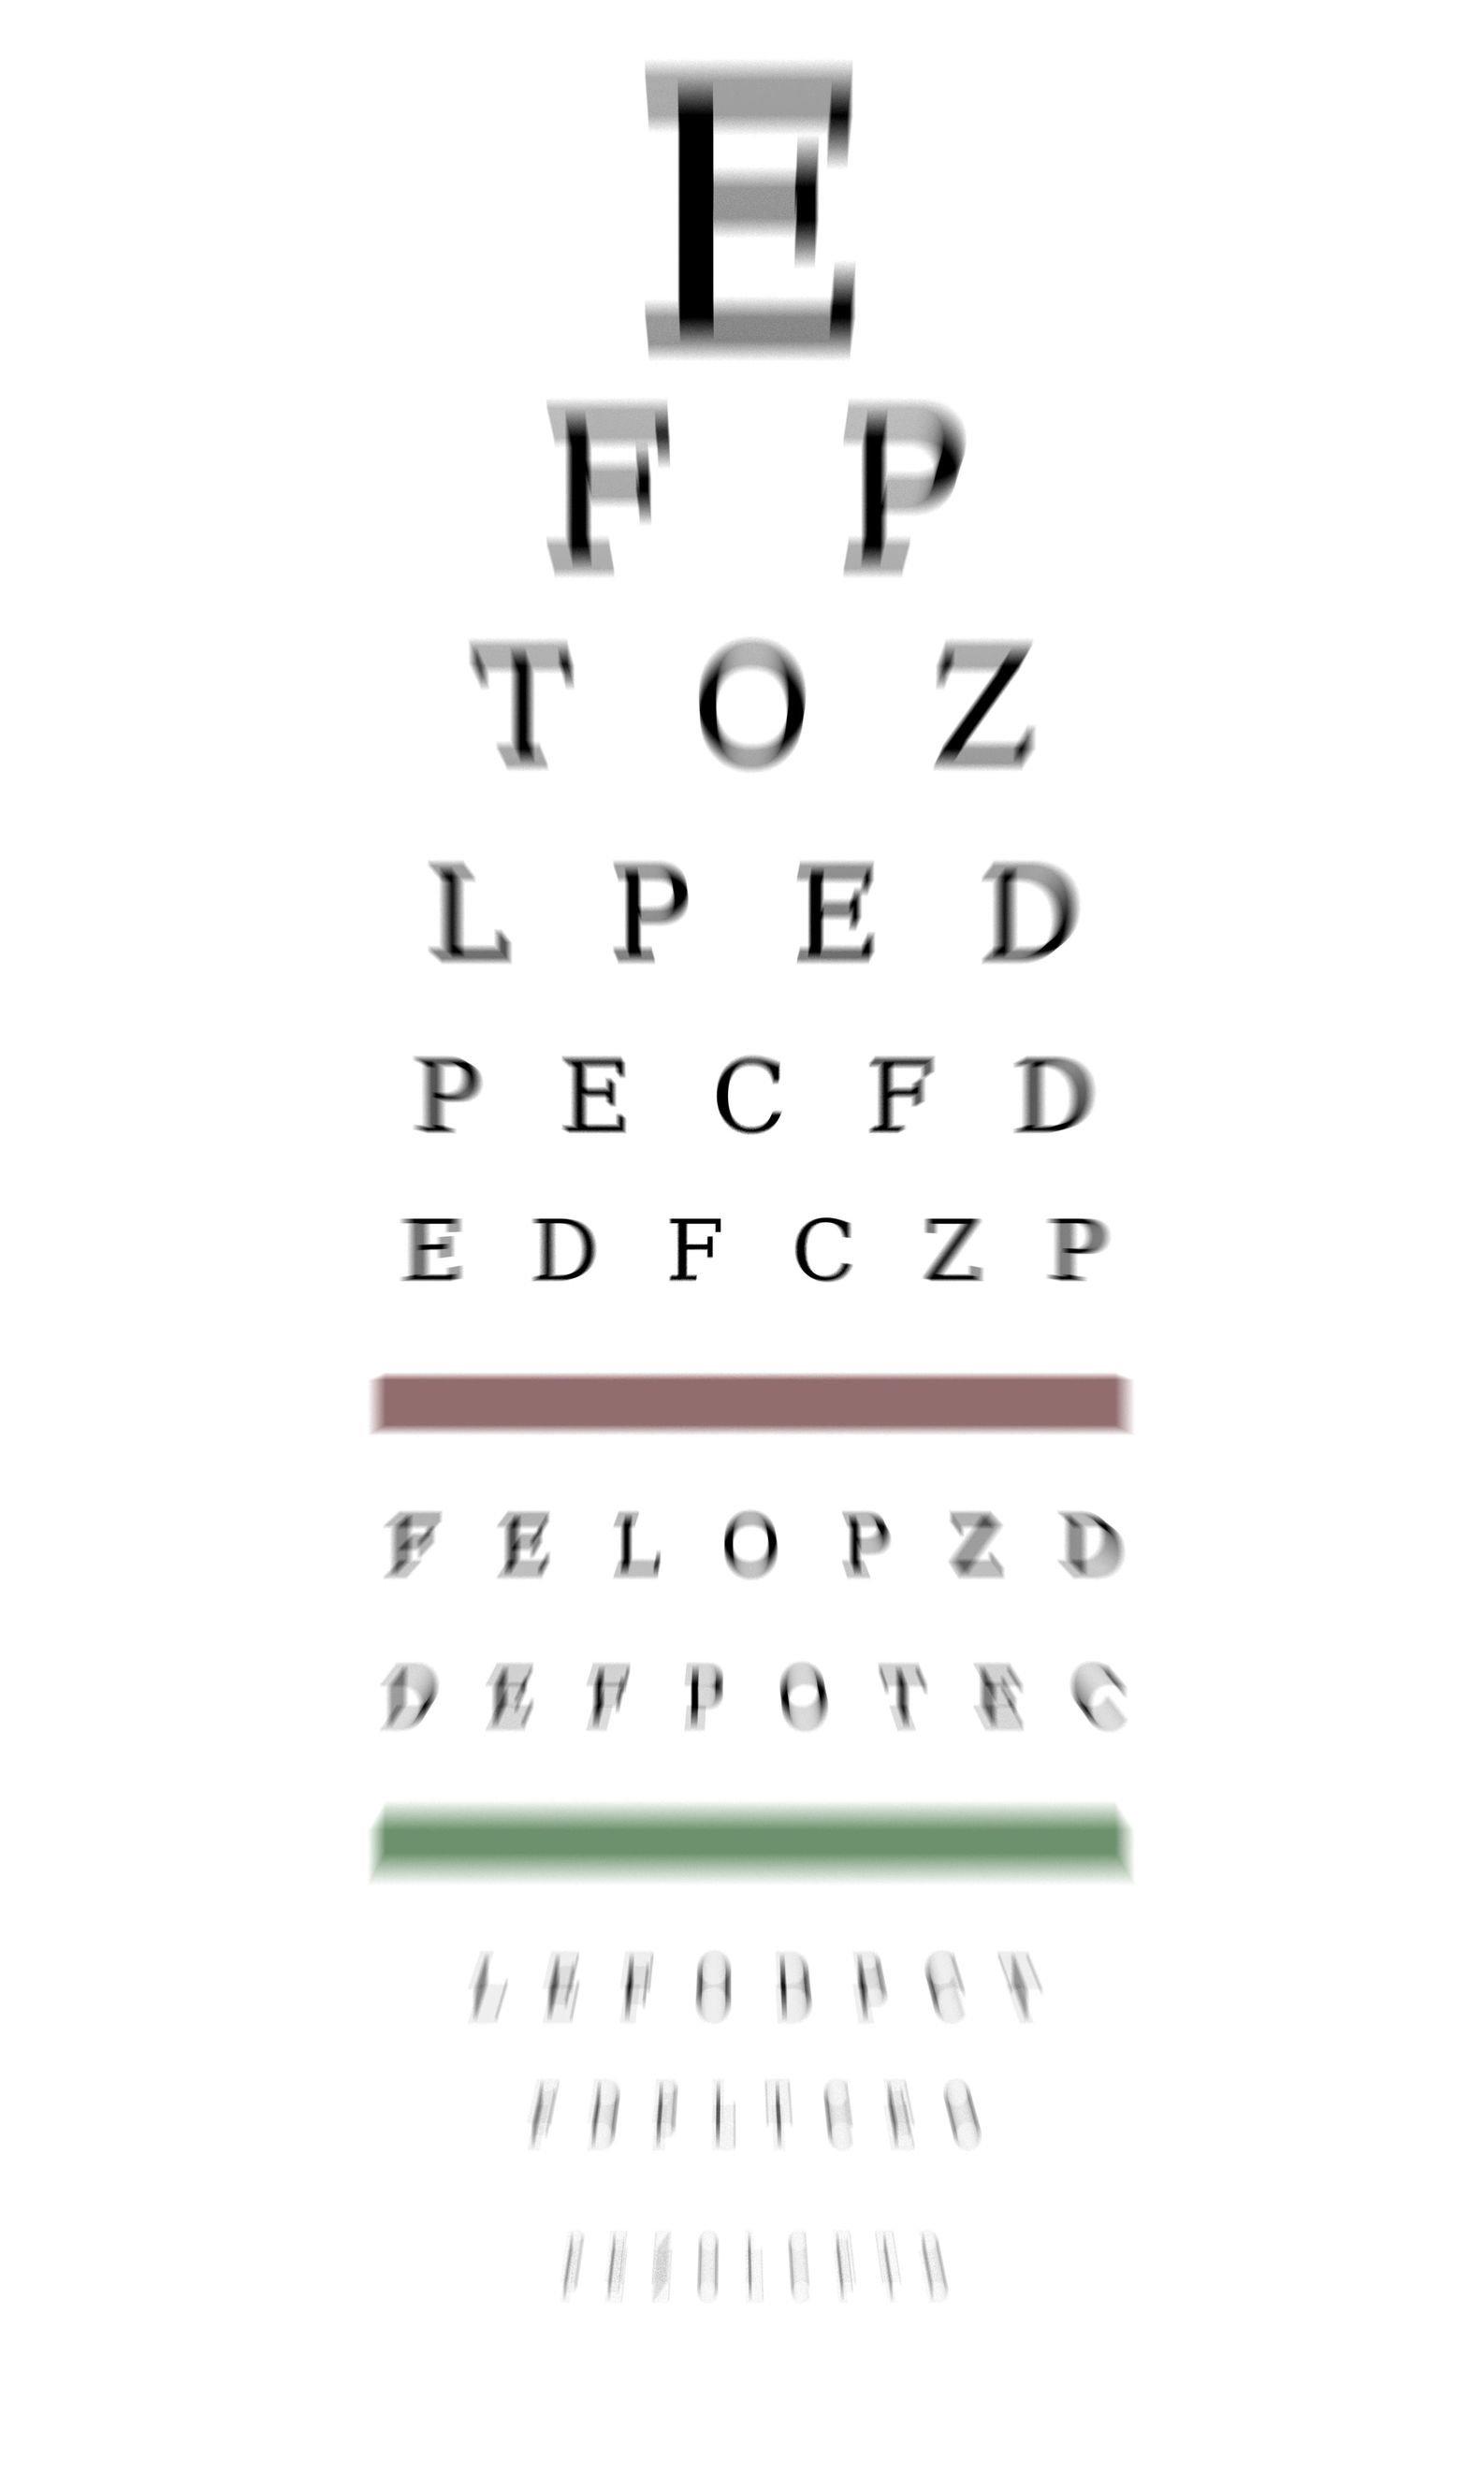 be1e4bbb8b Soluciones a la inevitable vista cansada - Enfermedades y Trastornos ...